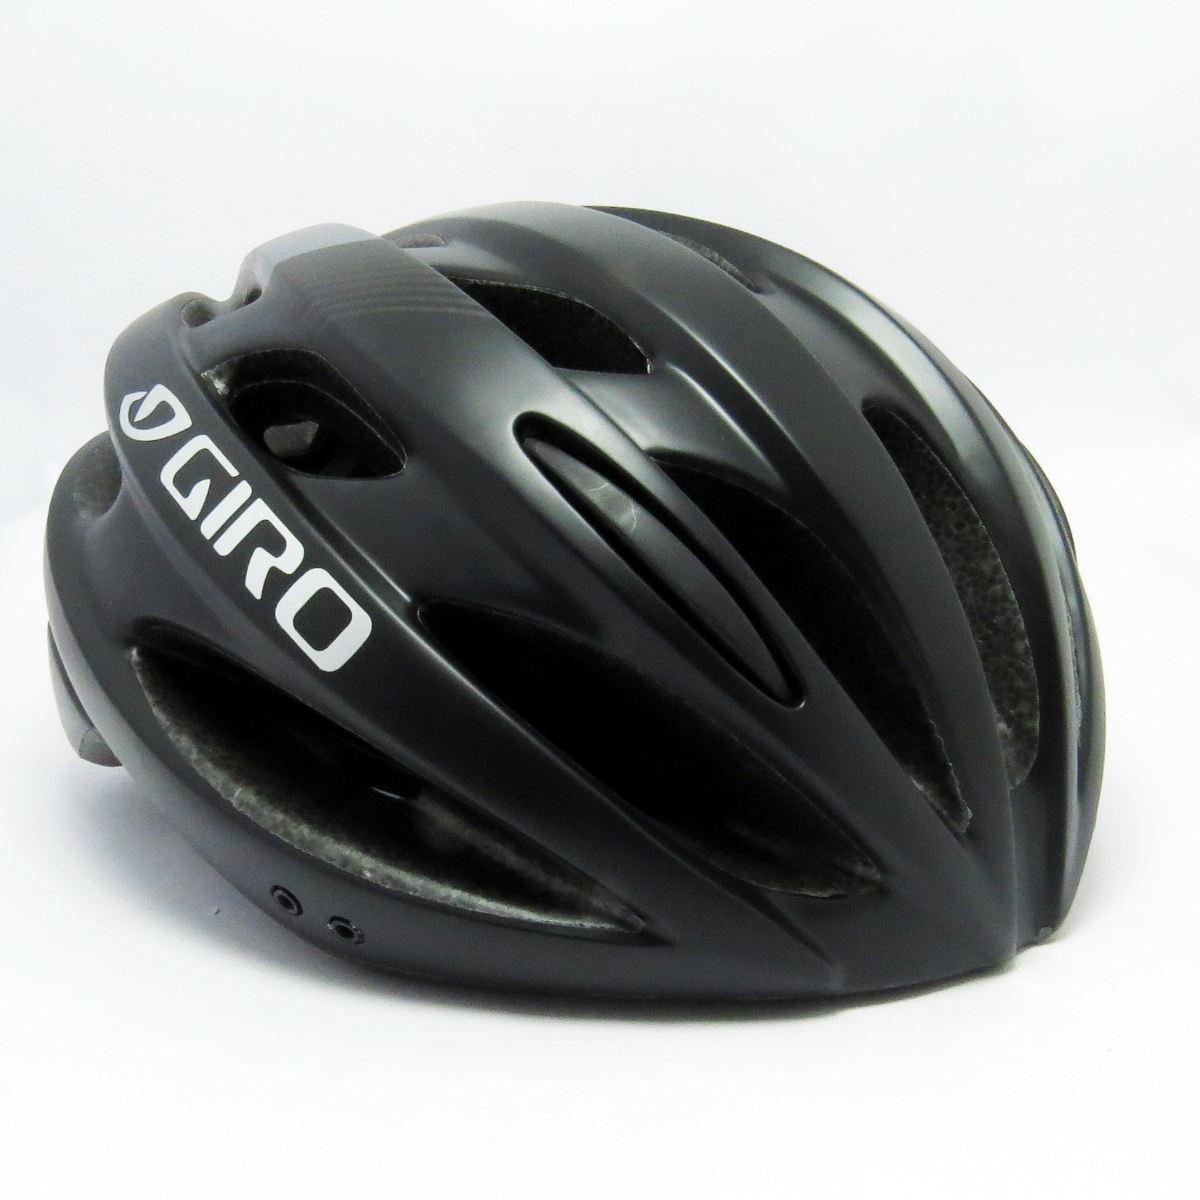 Capacete Giro Revel  Preto/Carvão U